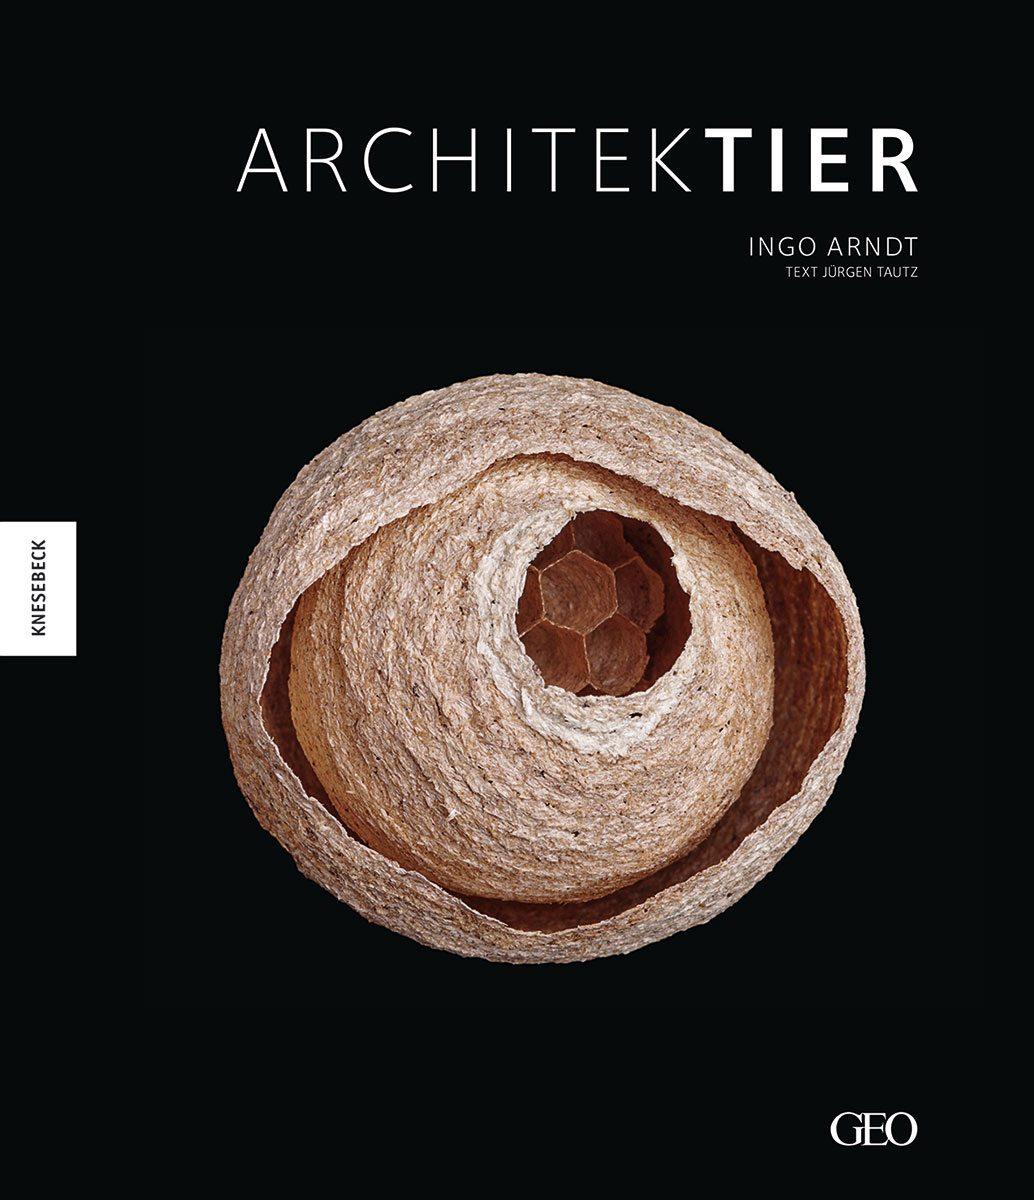 Architektier. Erschienen im Knesebeck Verlag, München